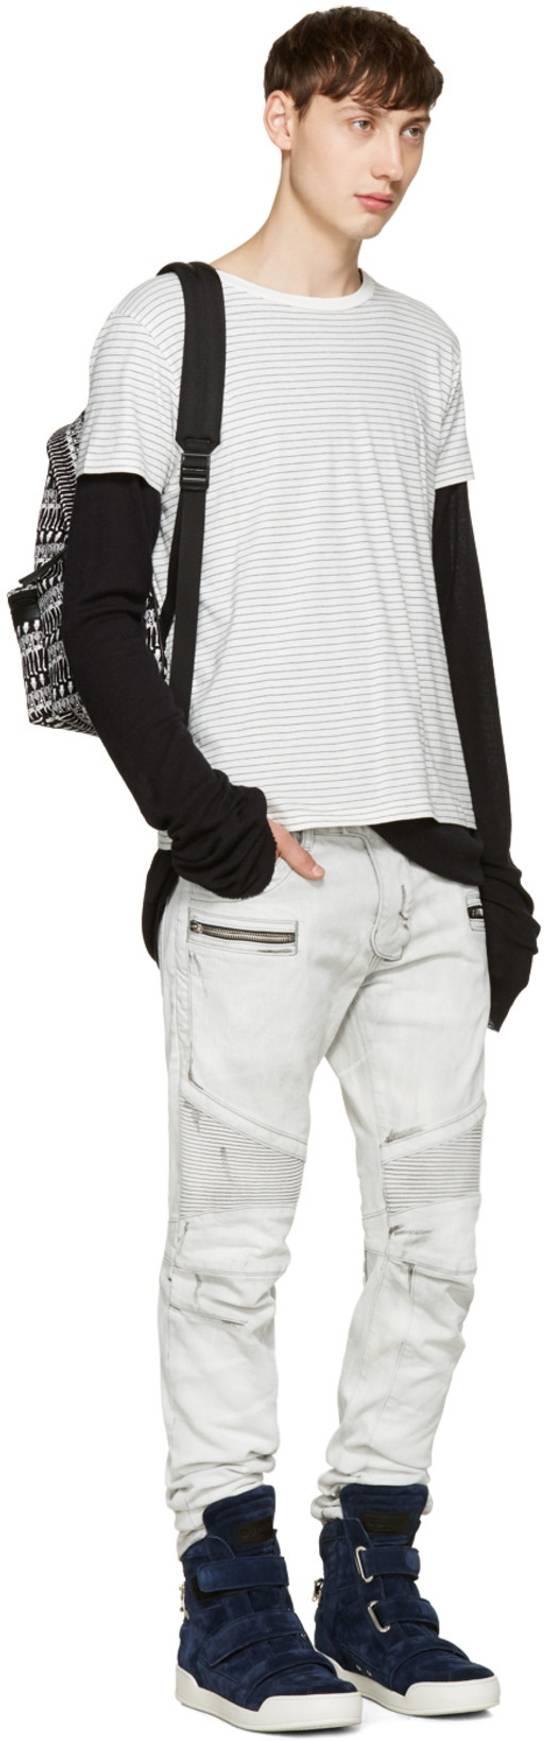 Balmain NWT, THE BEST! Biker Jeans (WAS $1650) - RUNS SMALLER Size US 36 / EU 52